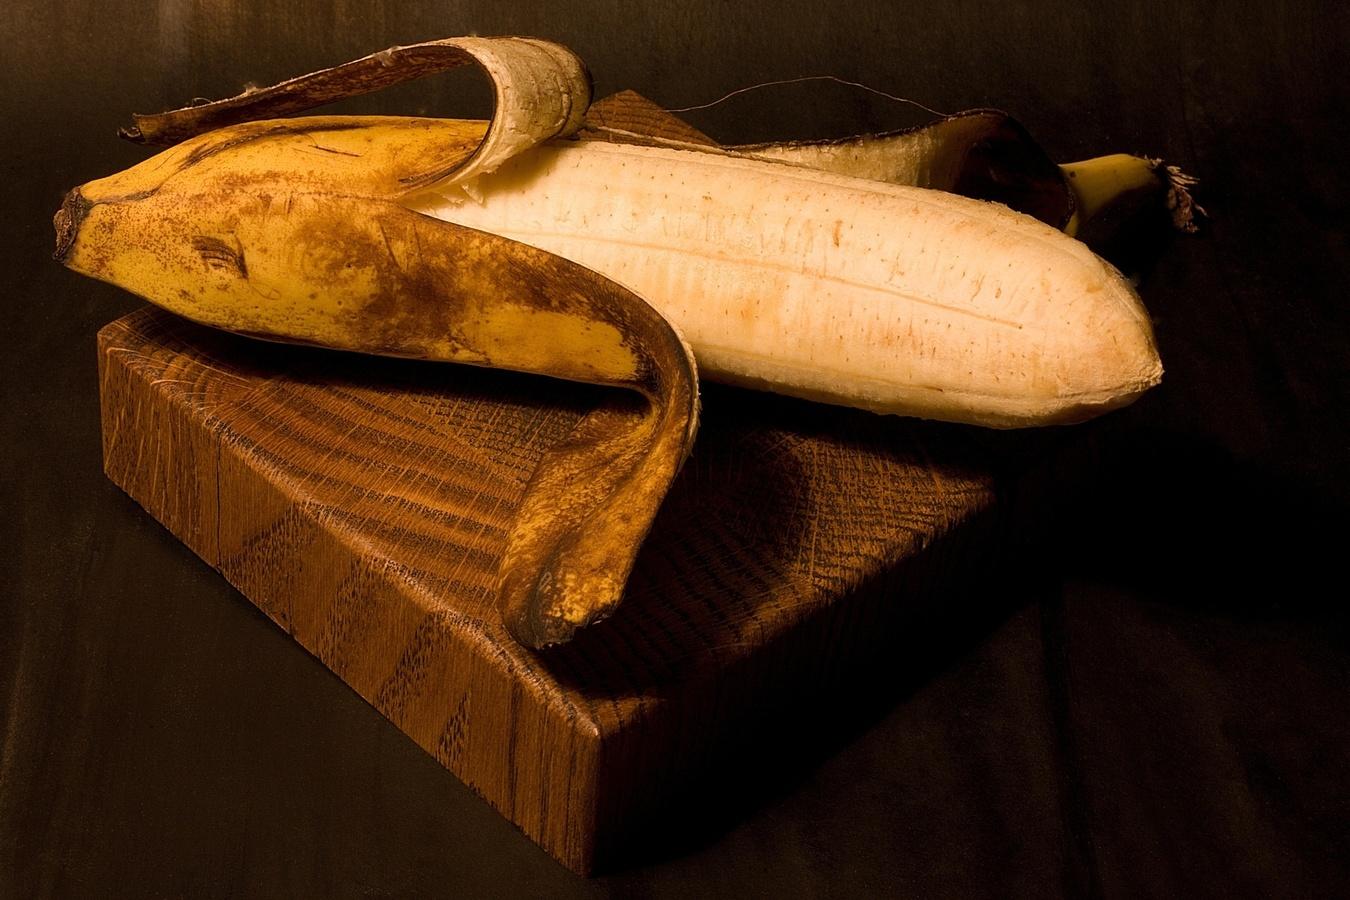 Zralý banán